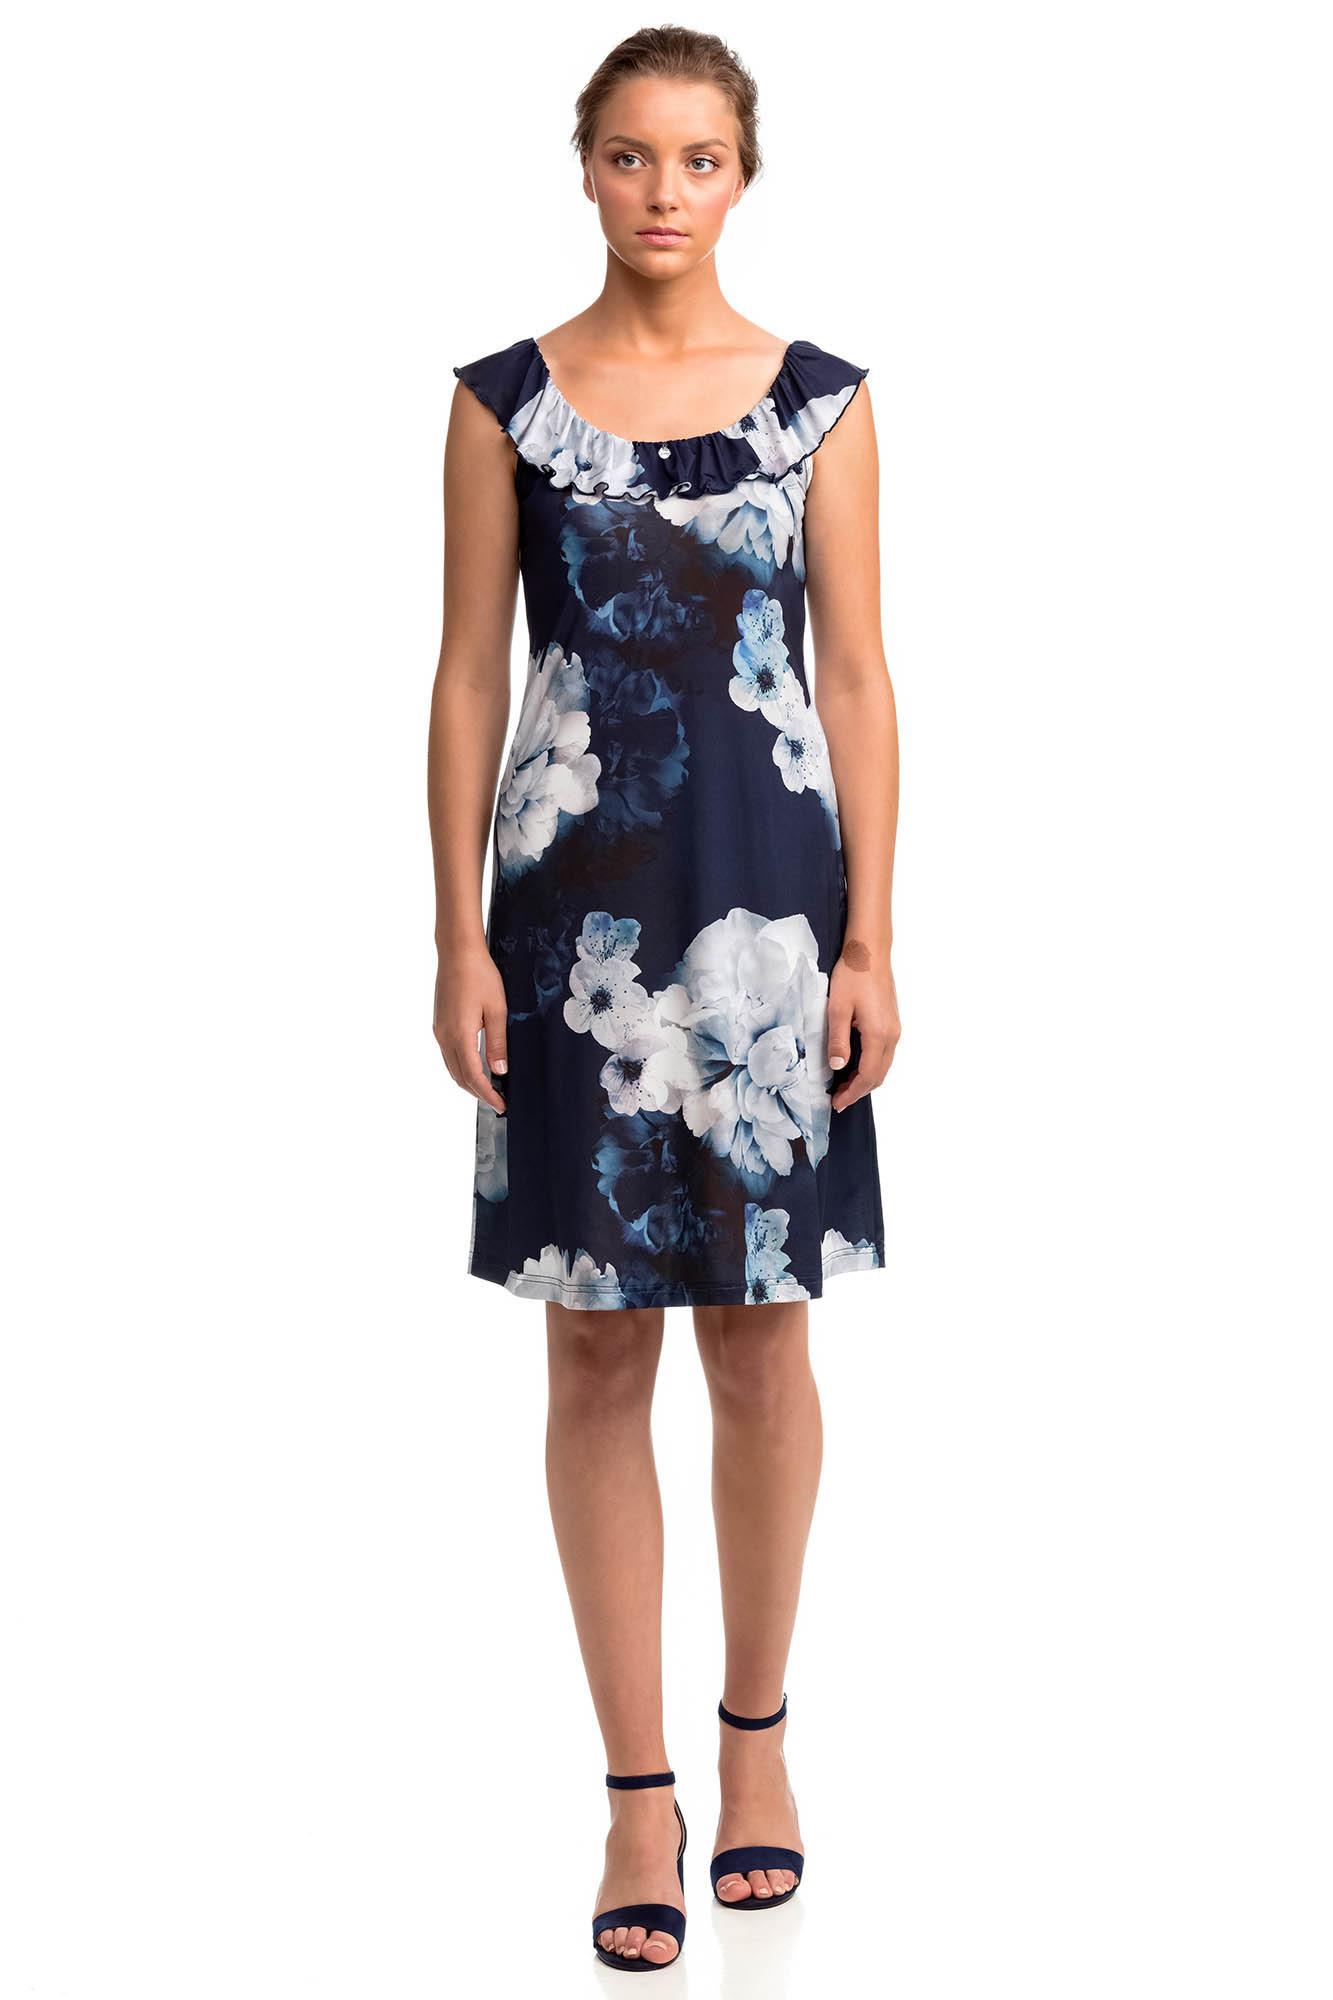 Vamp - Elegantné dámske kvetované šaty 14464 - Vamp blue marine m